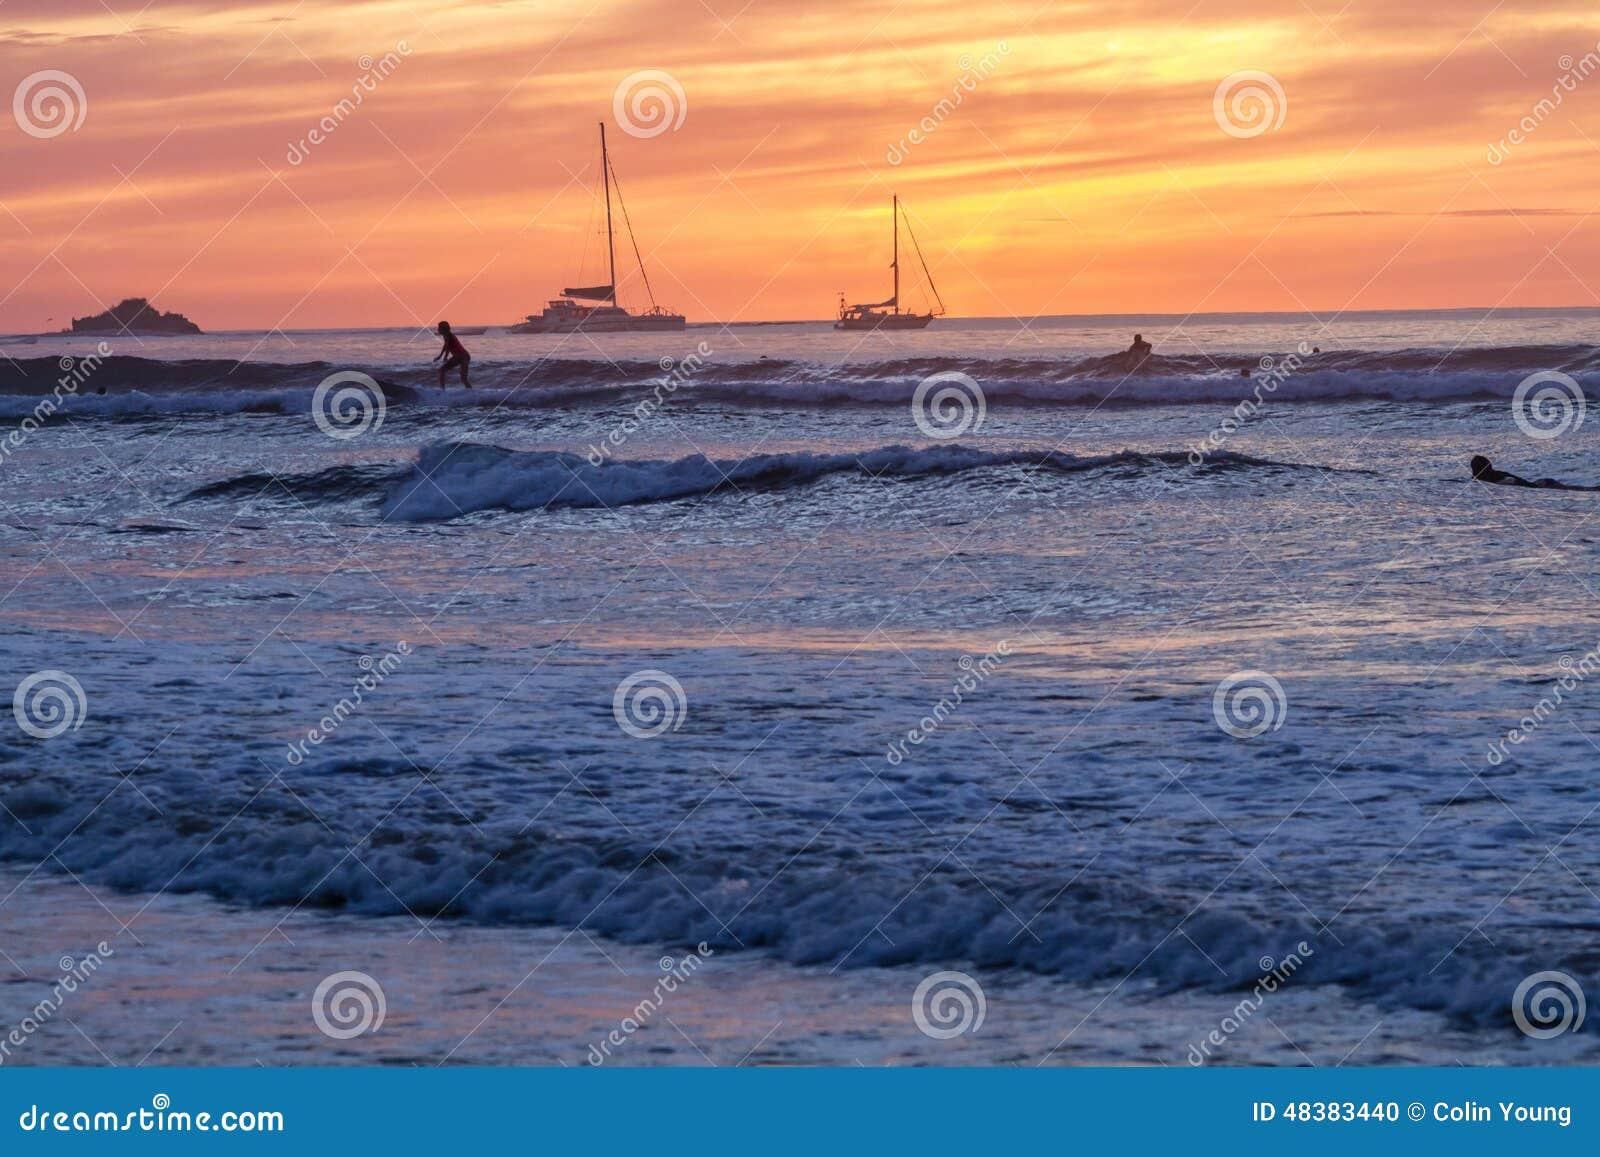 Tamarindo, der bei Sonnenuntergang surft